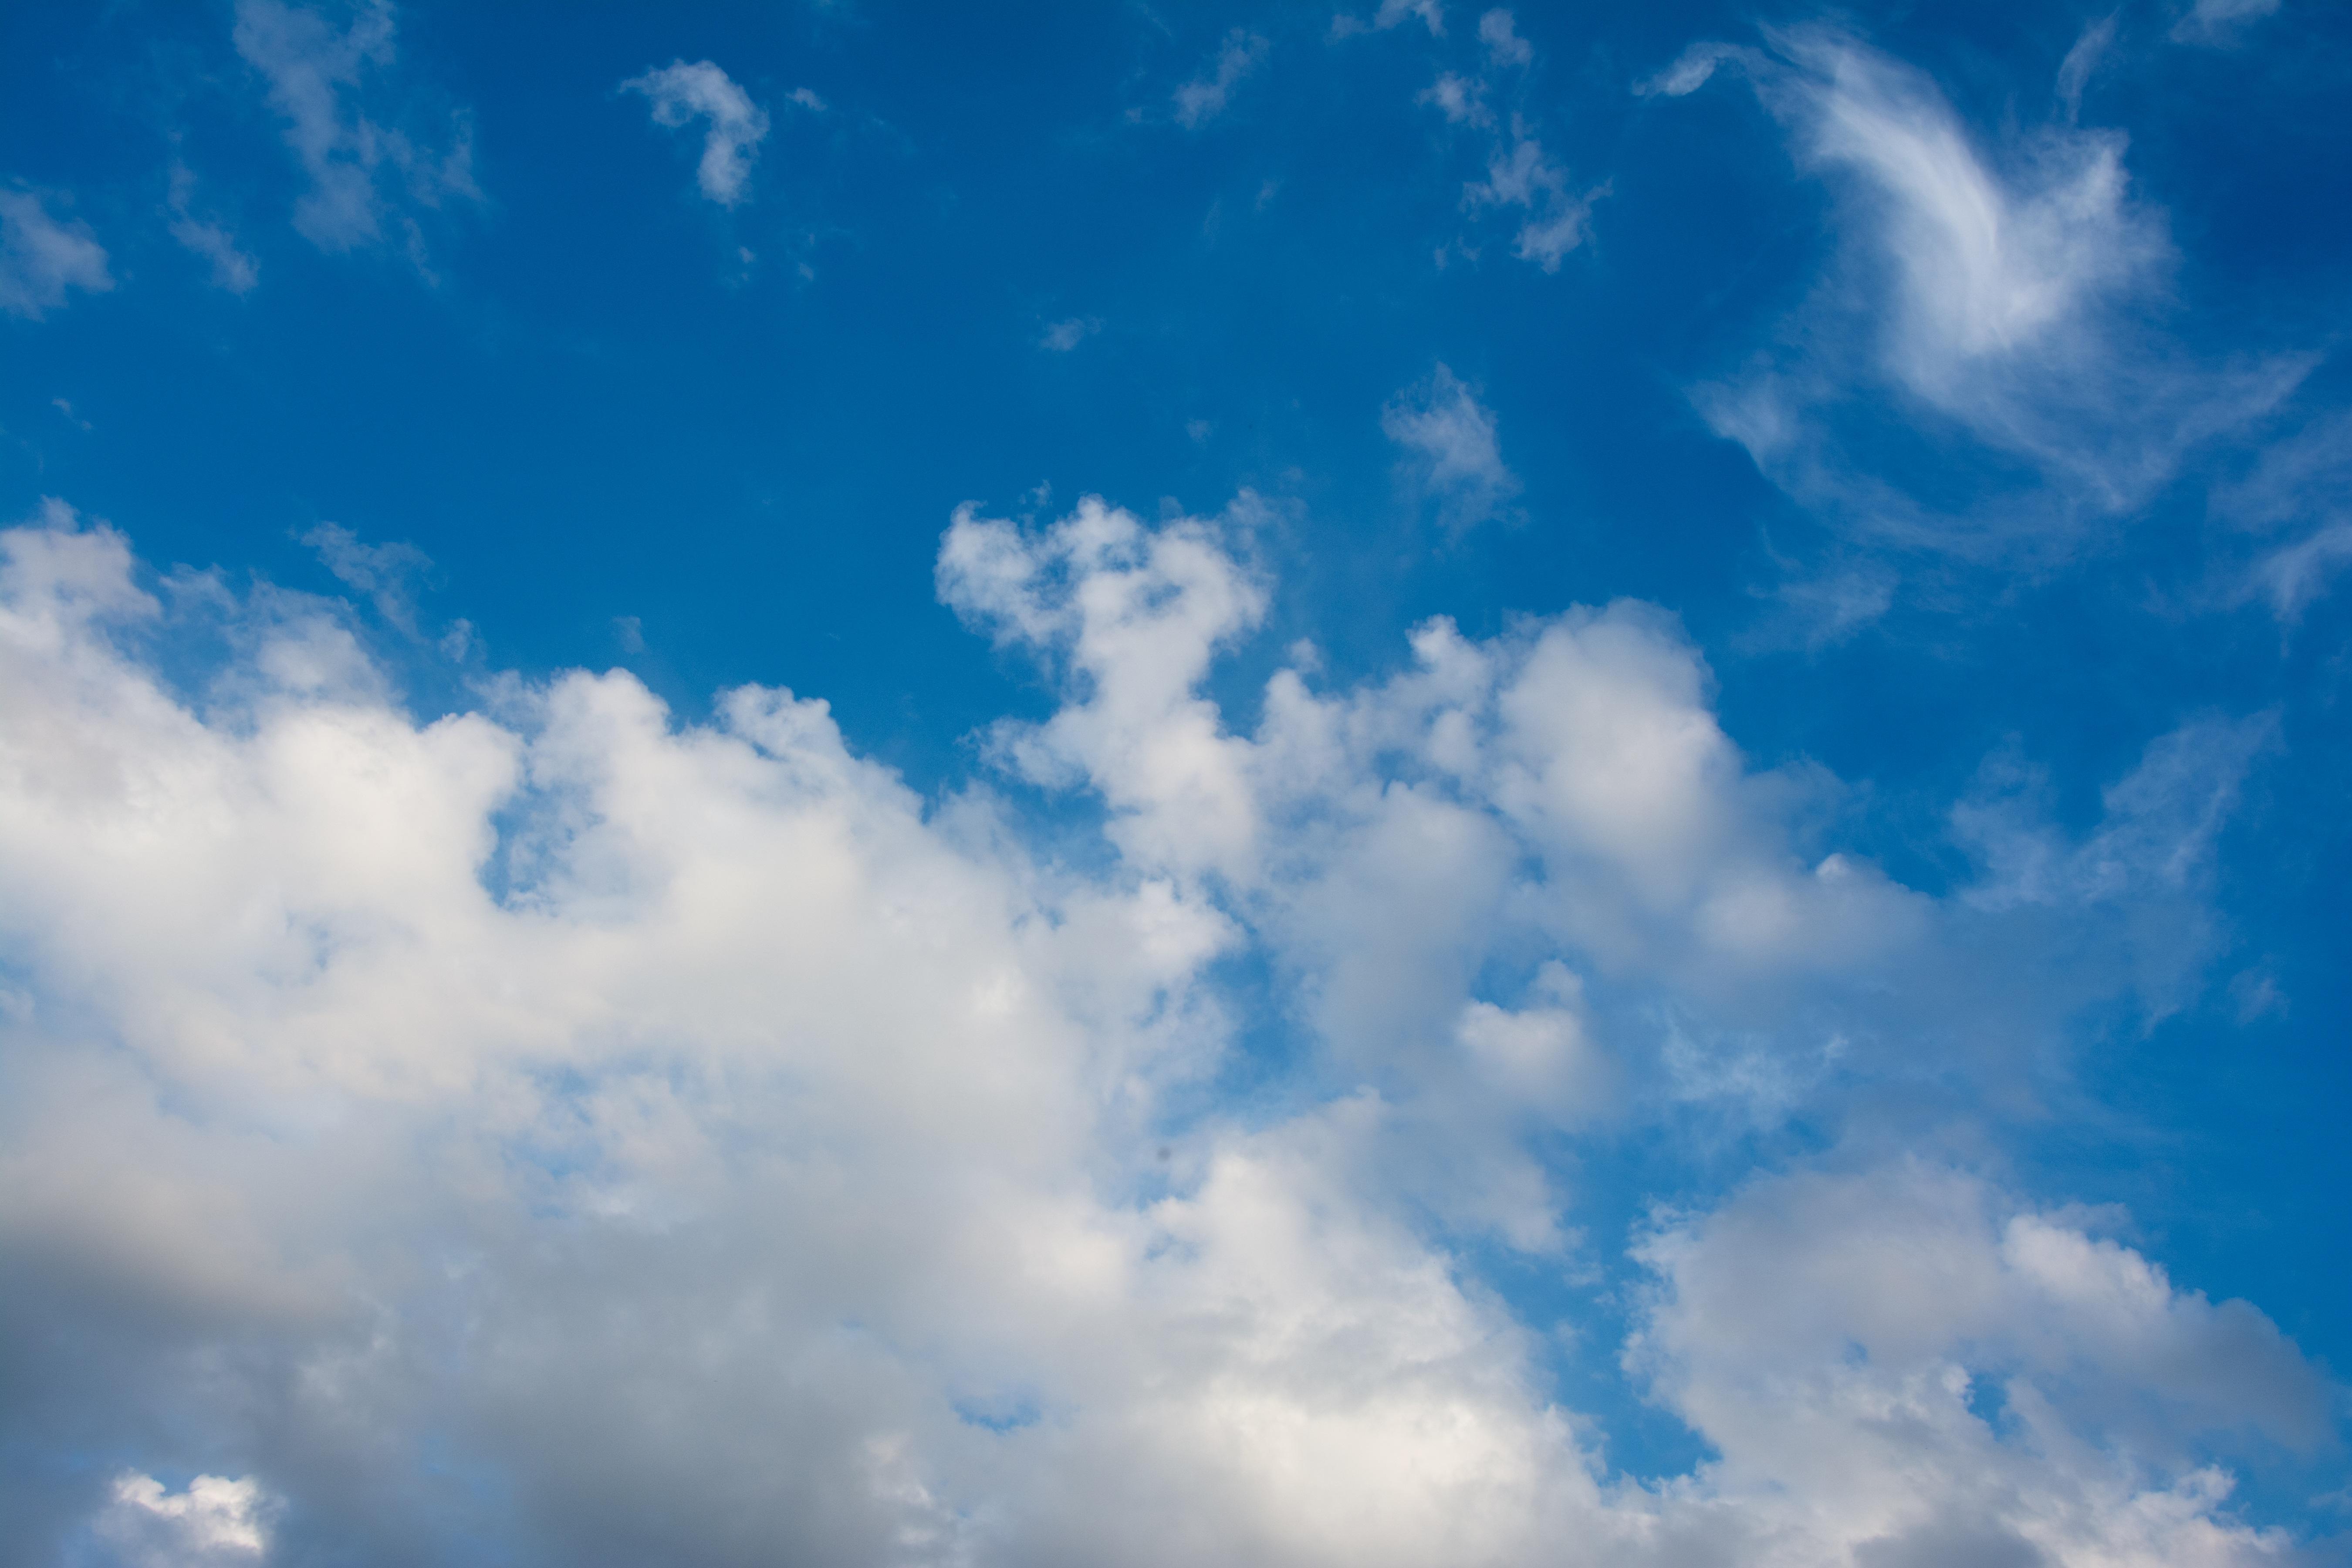 как посмотреть в облаке фотографии